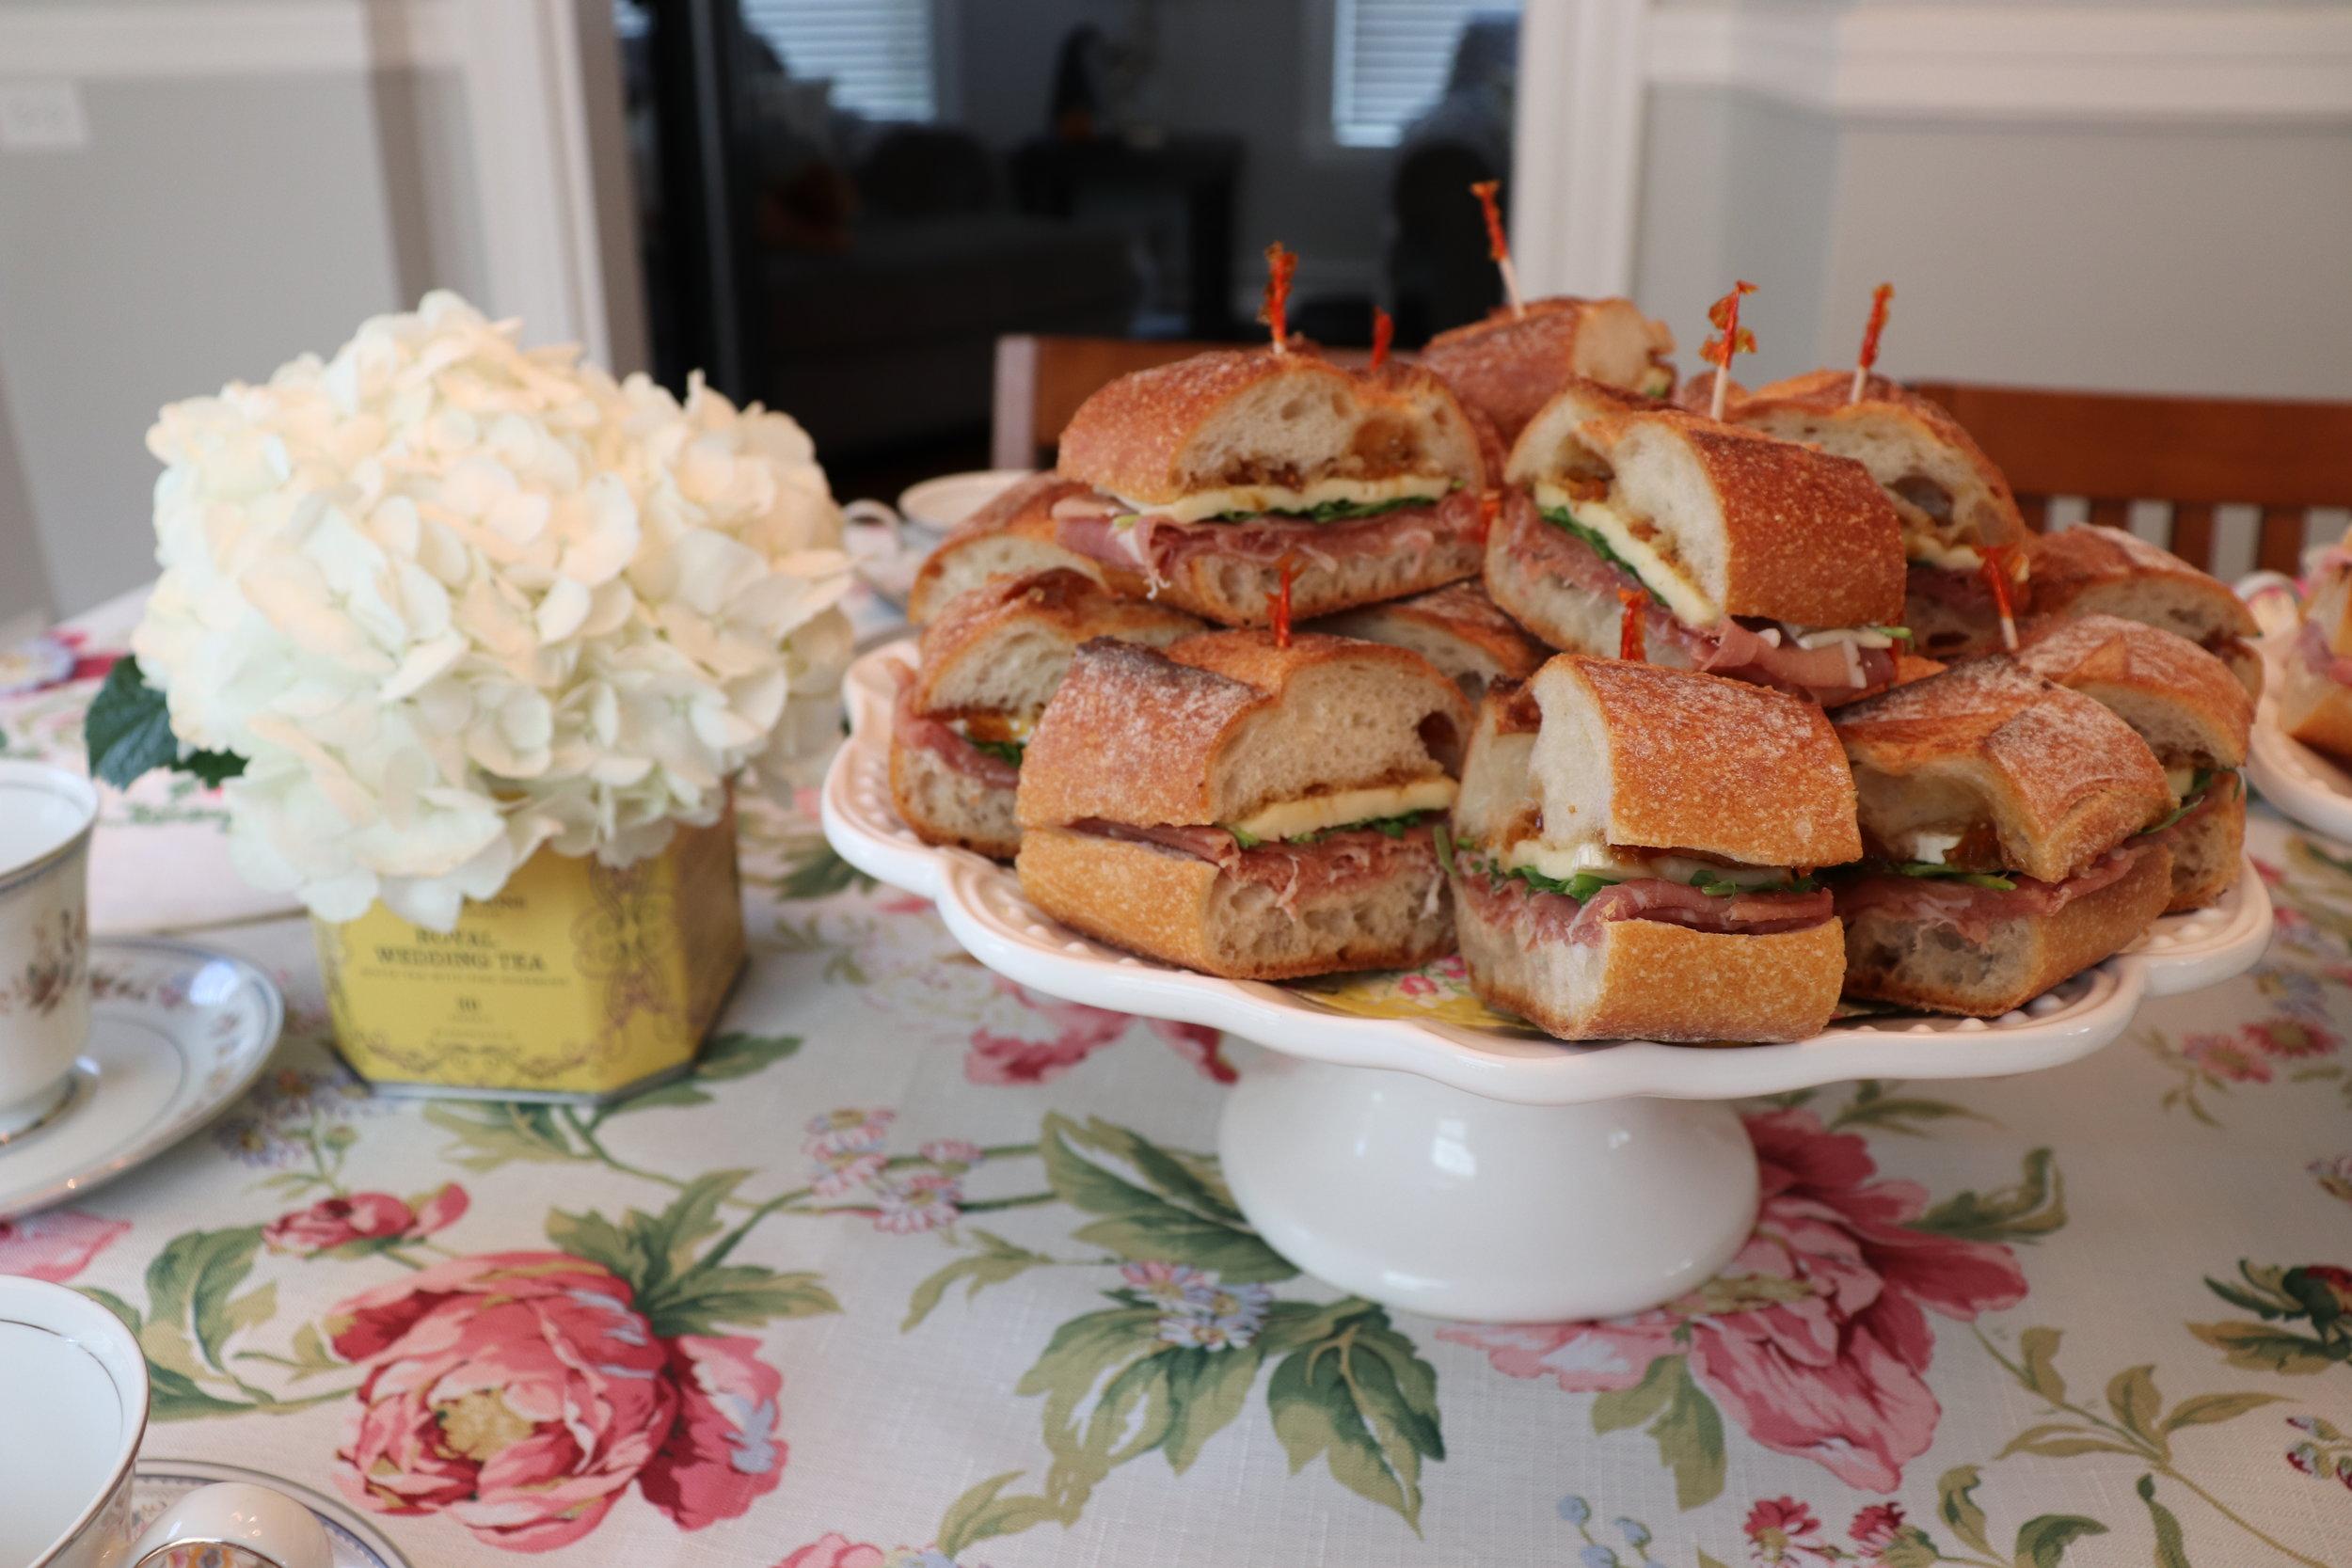 Prosciutto, brie, and fig sandwiches